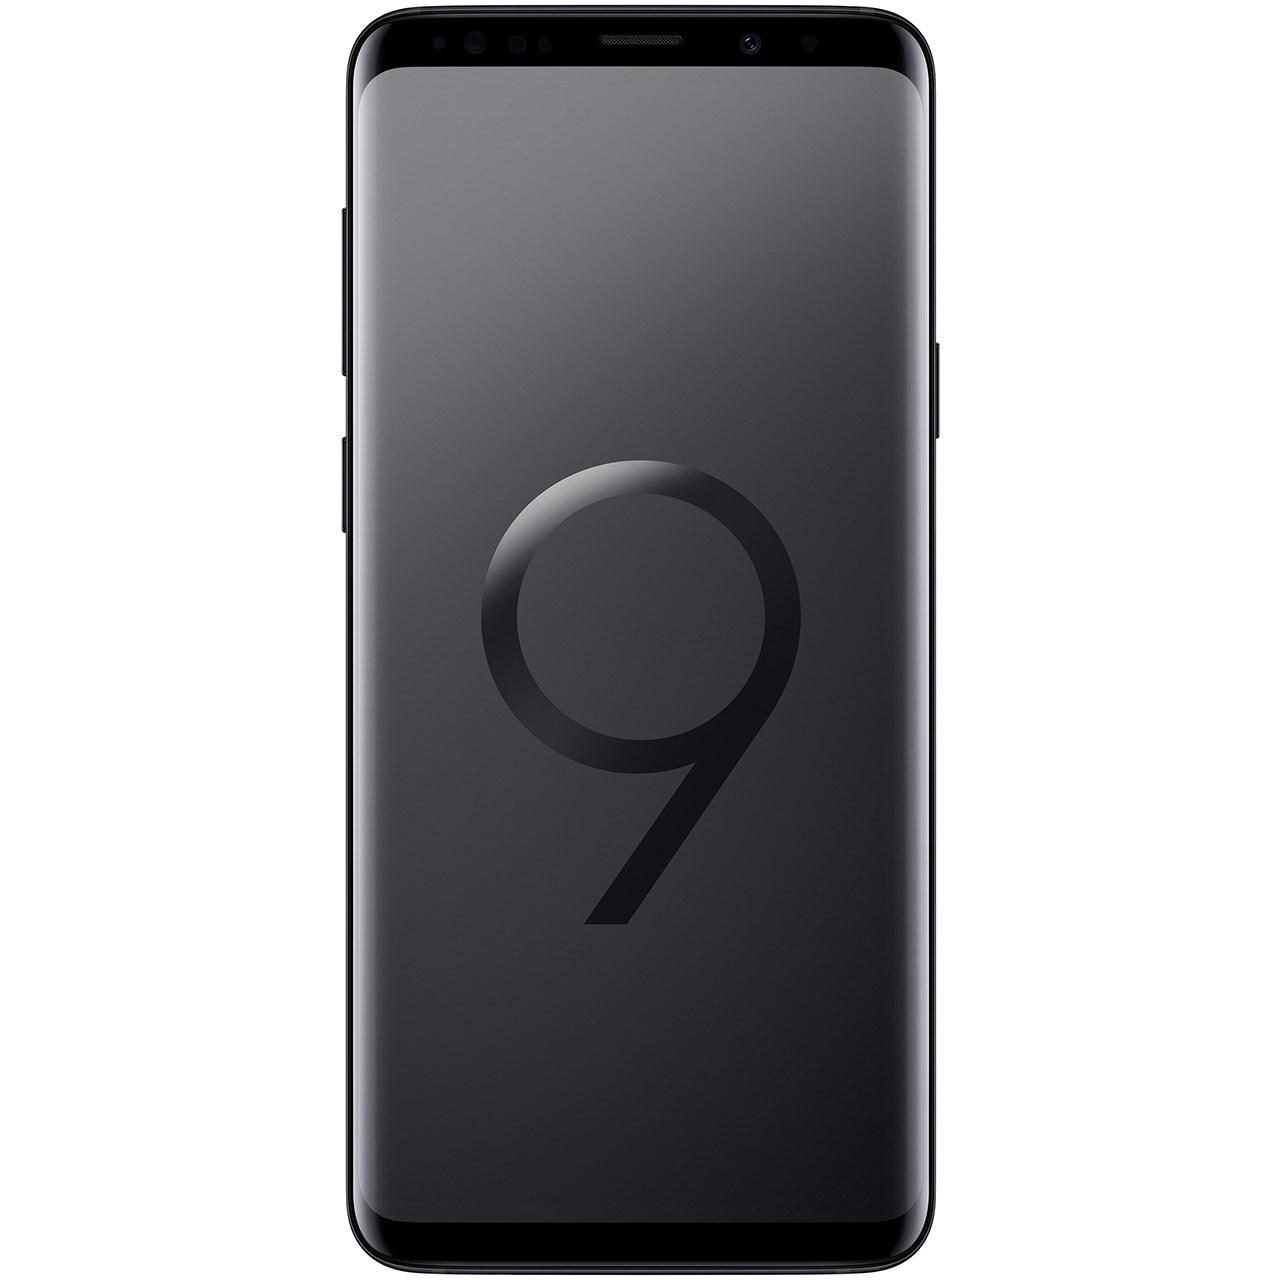 گوشی موبایل سامسونگ مدل Galaxy S9 Plus SM-965FD دو سیم کارت ظرفیت ۲۵۶ گیگابایت – با برچسب قیمت مصرفکننده